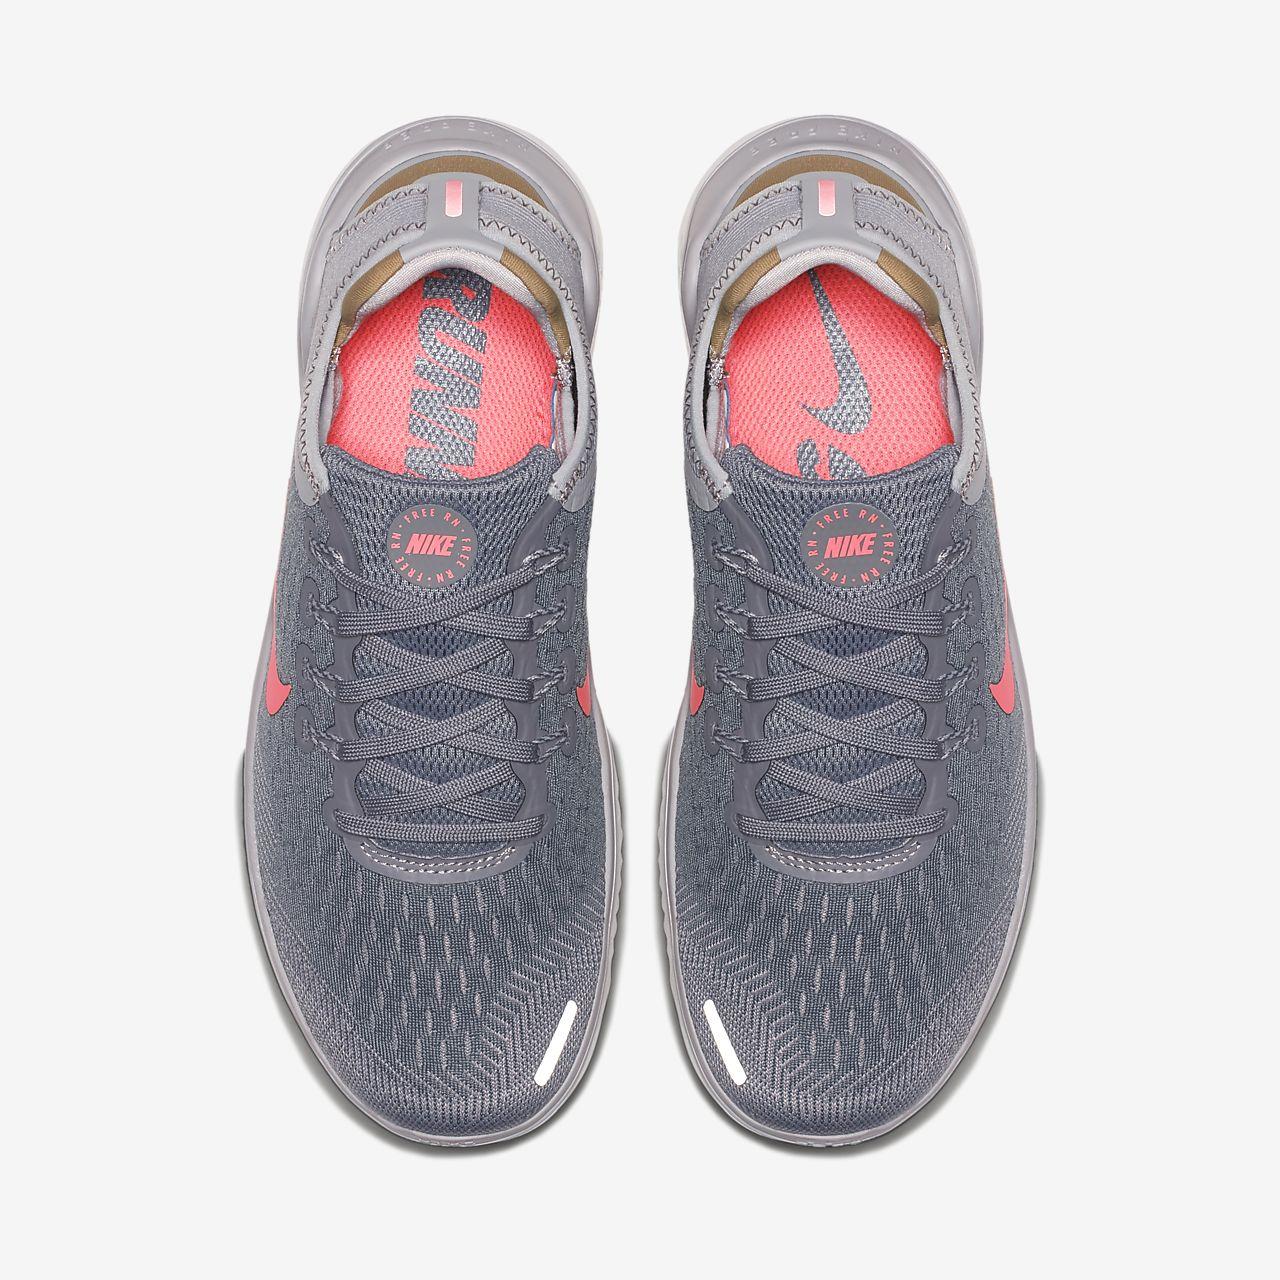 8a8b03c45a72 Nike Free RN 2018 Women s Running Shoe. Nike.com IN